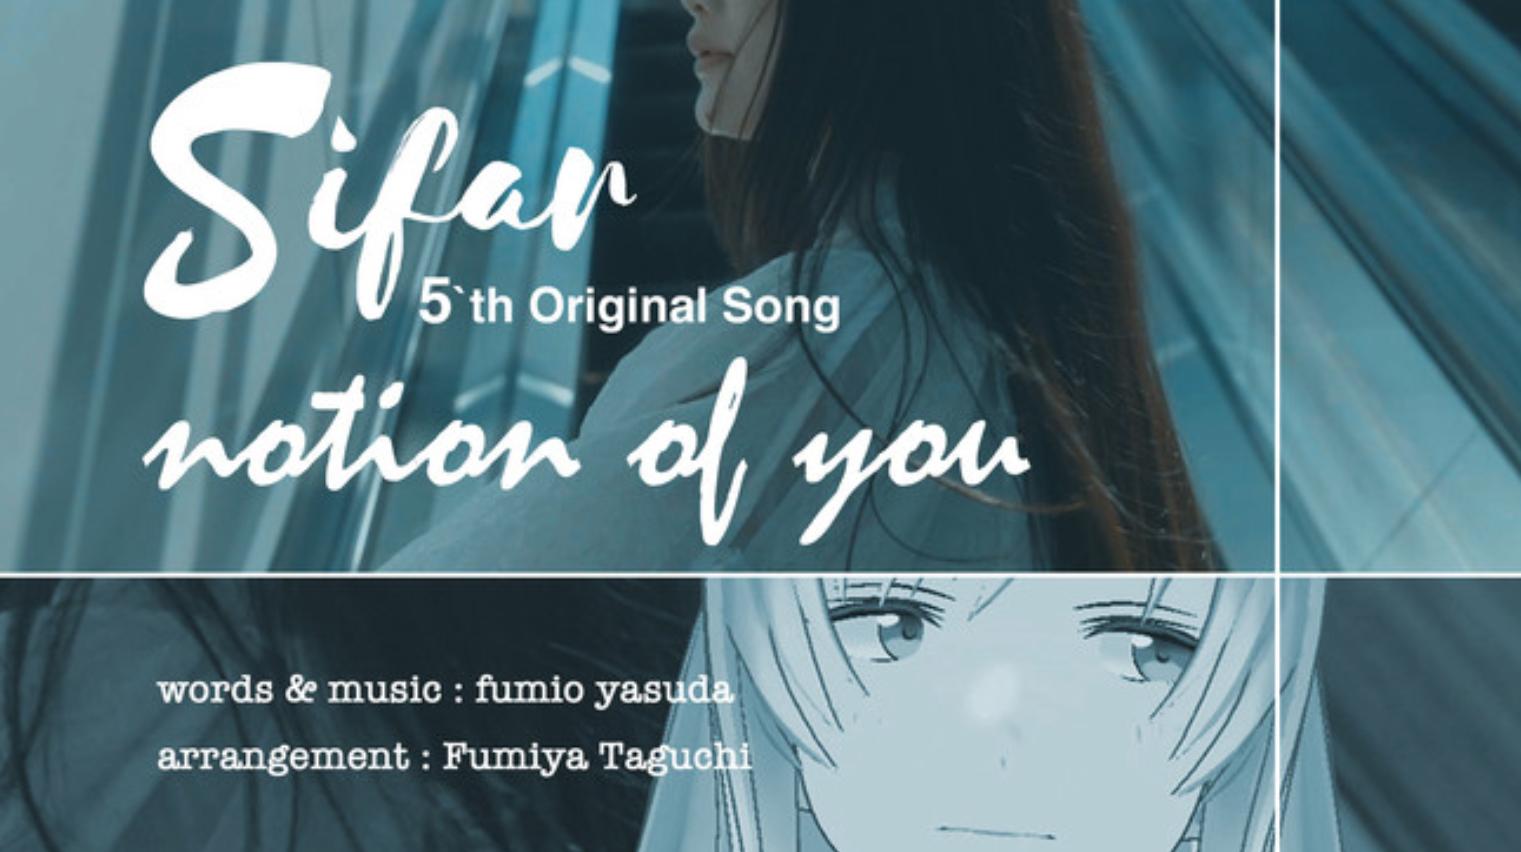 Vsinger「Sifar(シファル)」の5作⽬となるオリジナル曲、『notion of you(ノーションオブユー)』